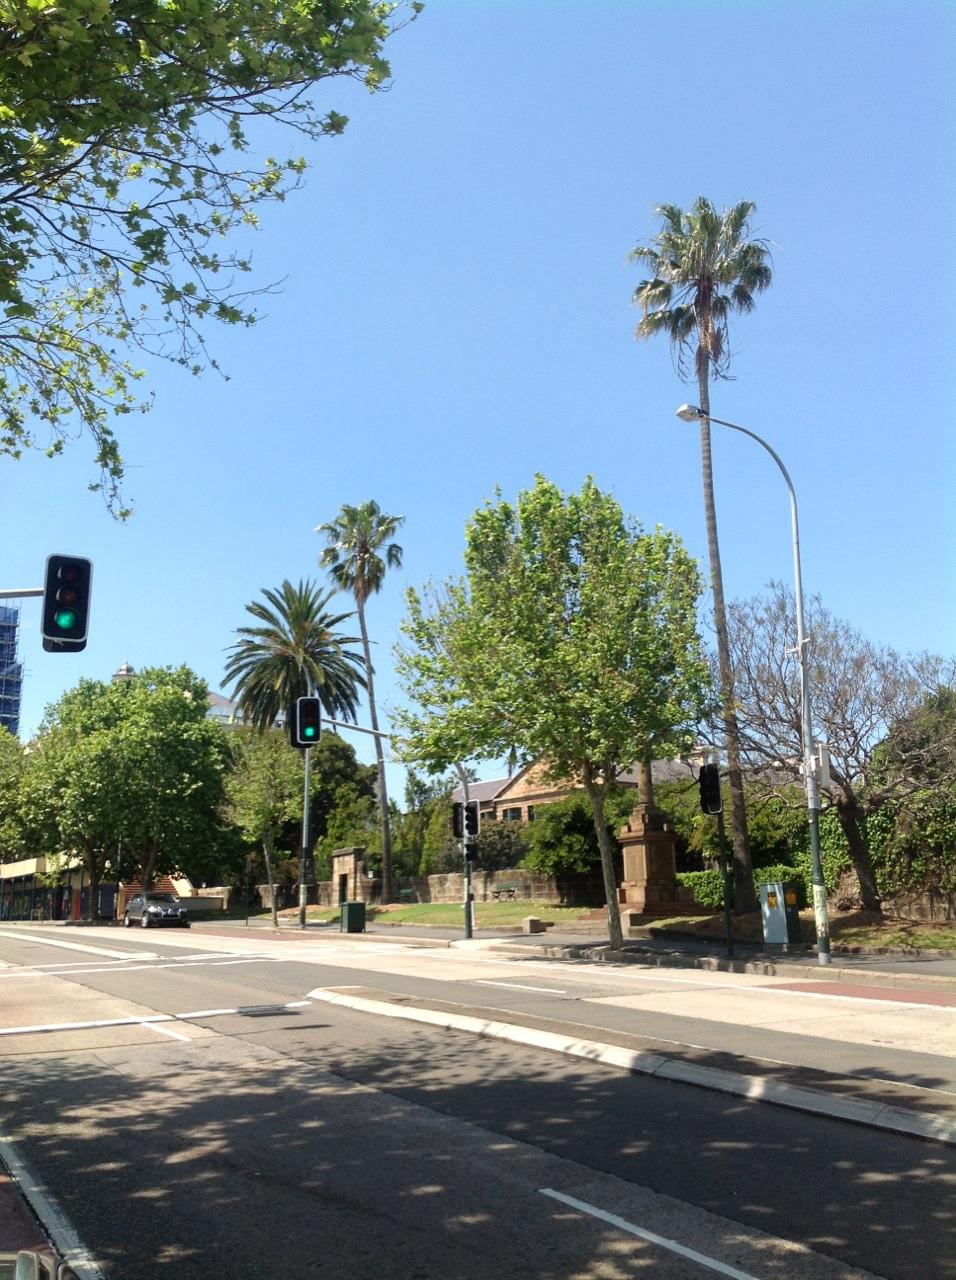 Washington Palms and Canary Island Date Palm